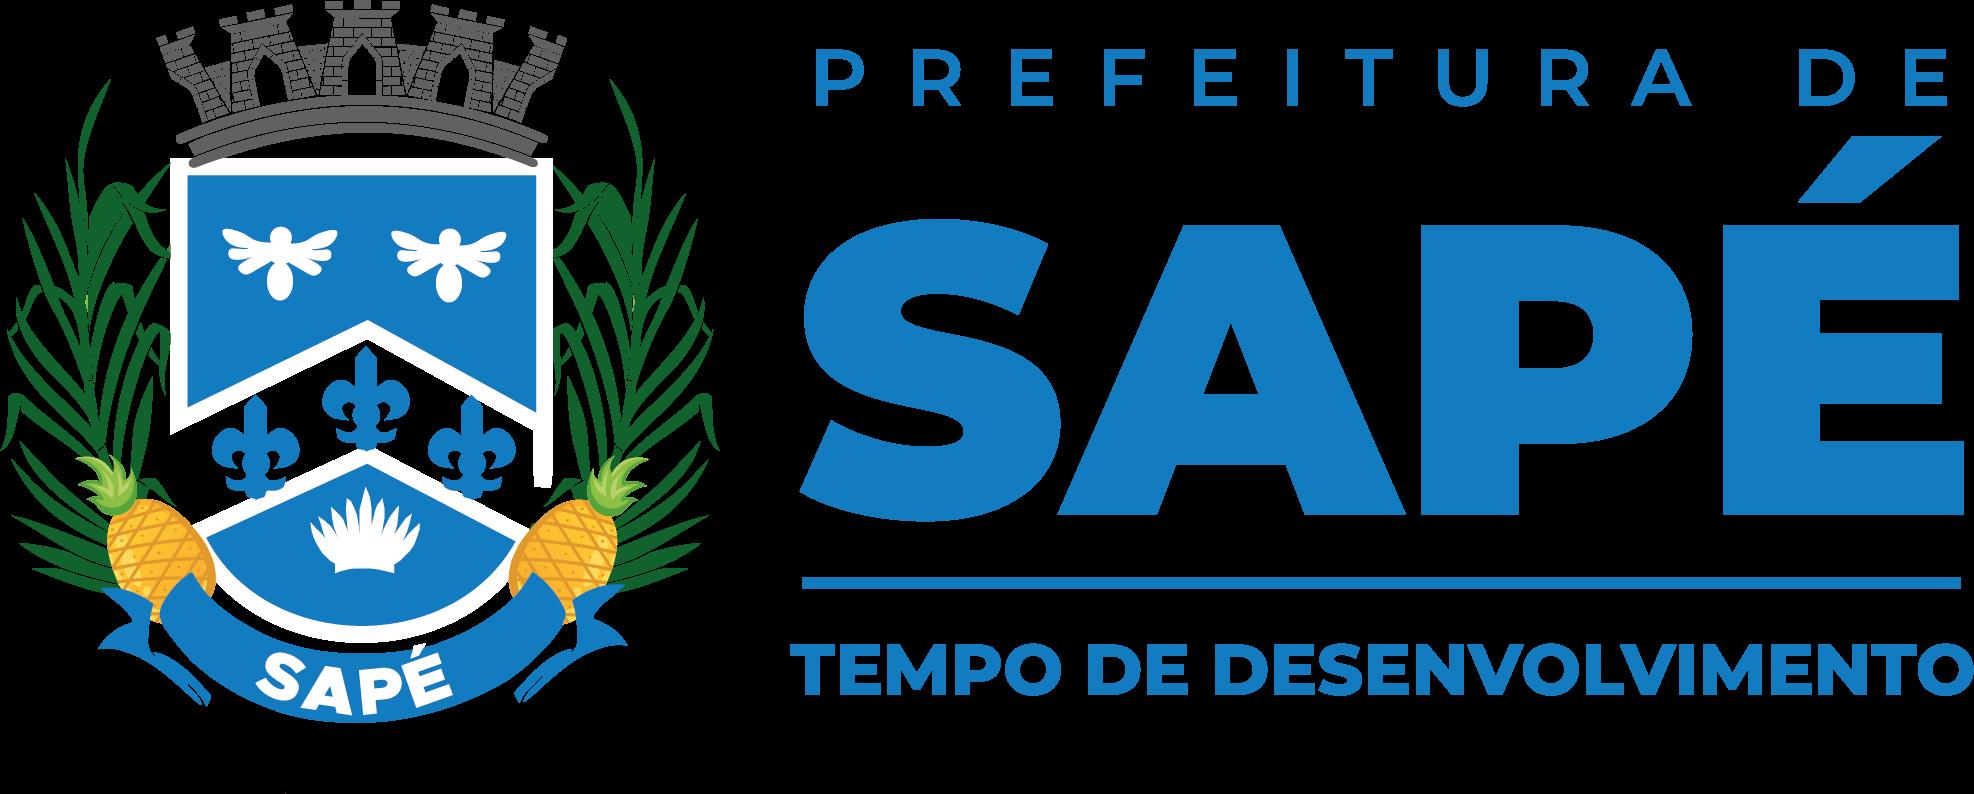 Brasão de Sapé